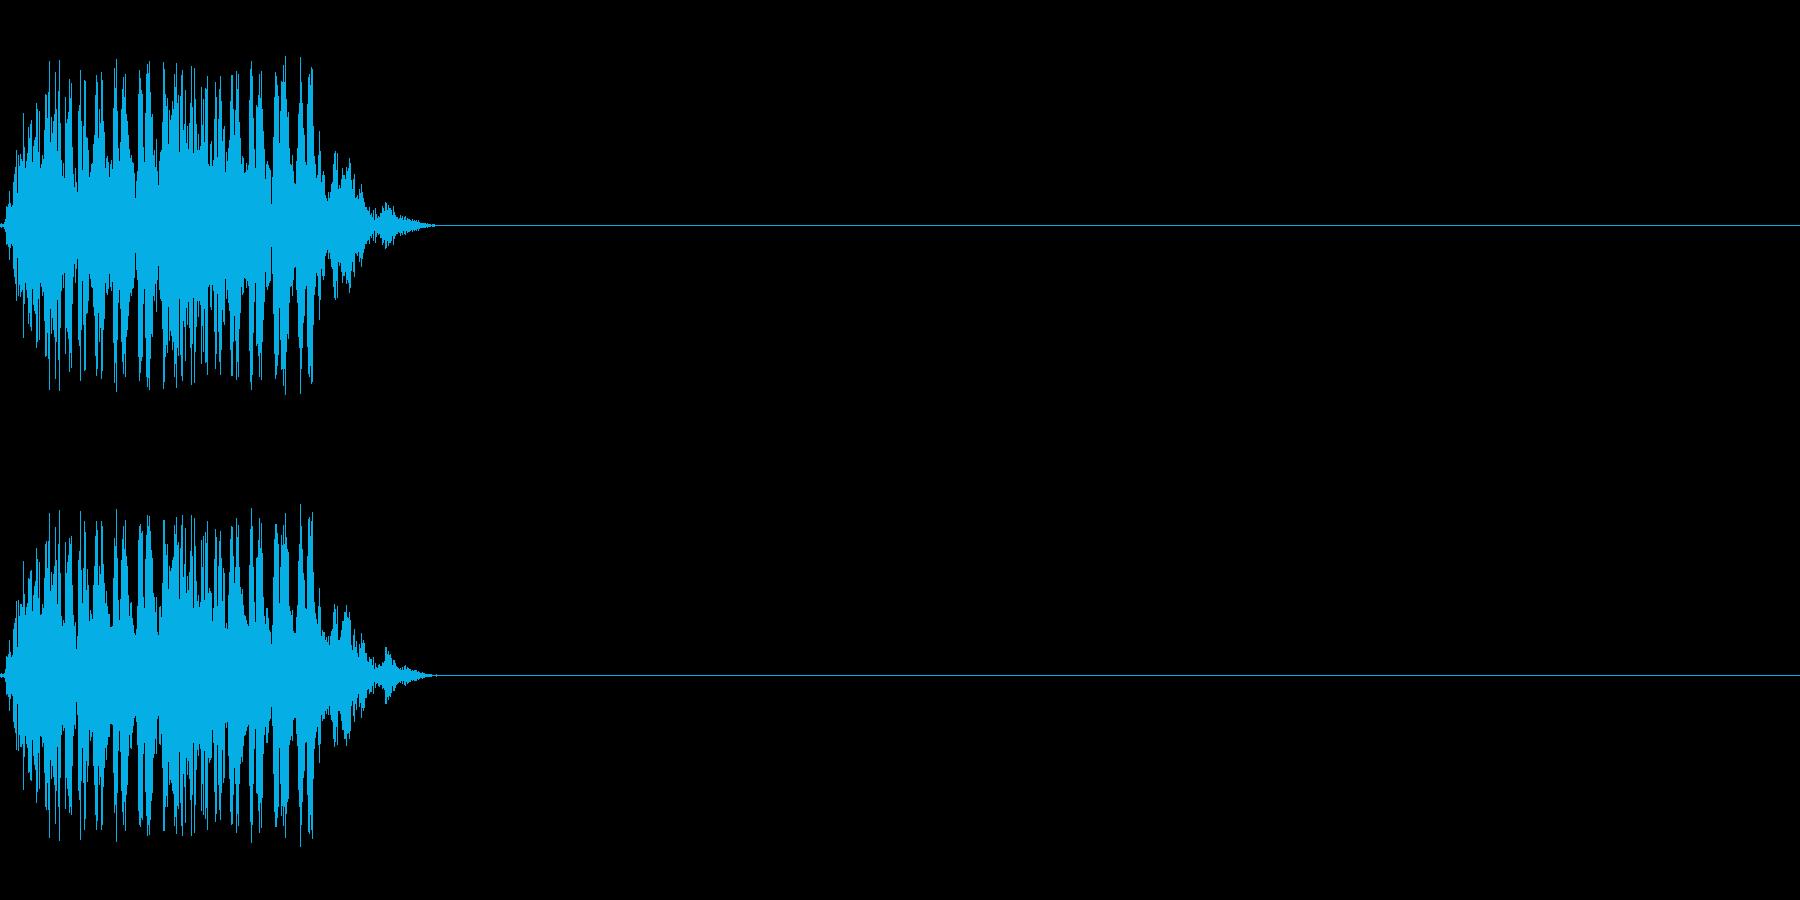 【レーザー01-2】の再生済みの波形